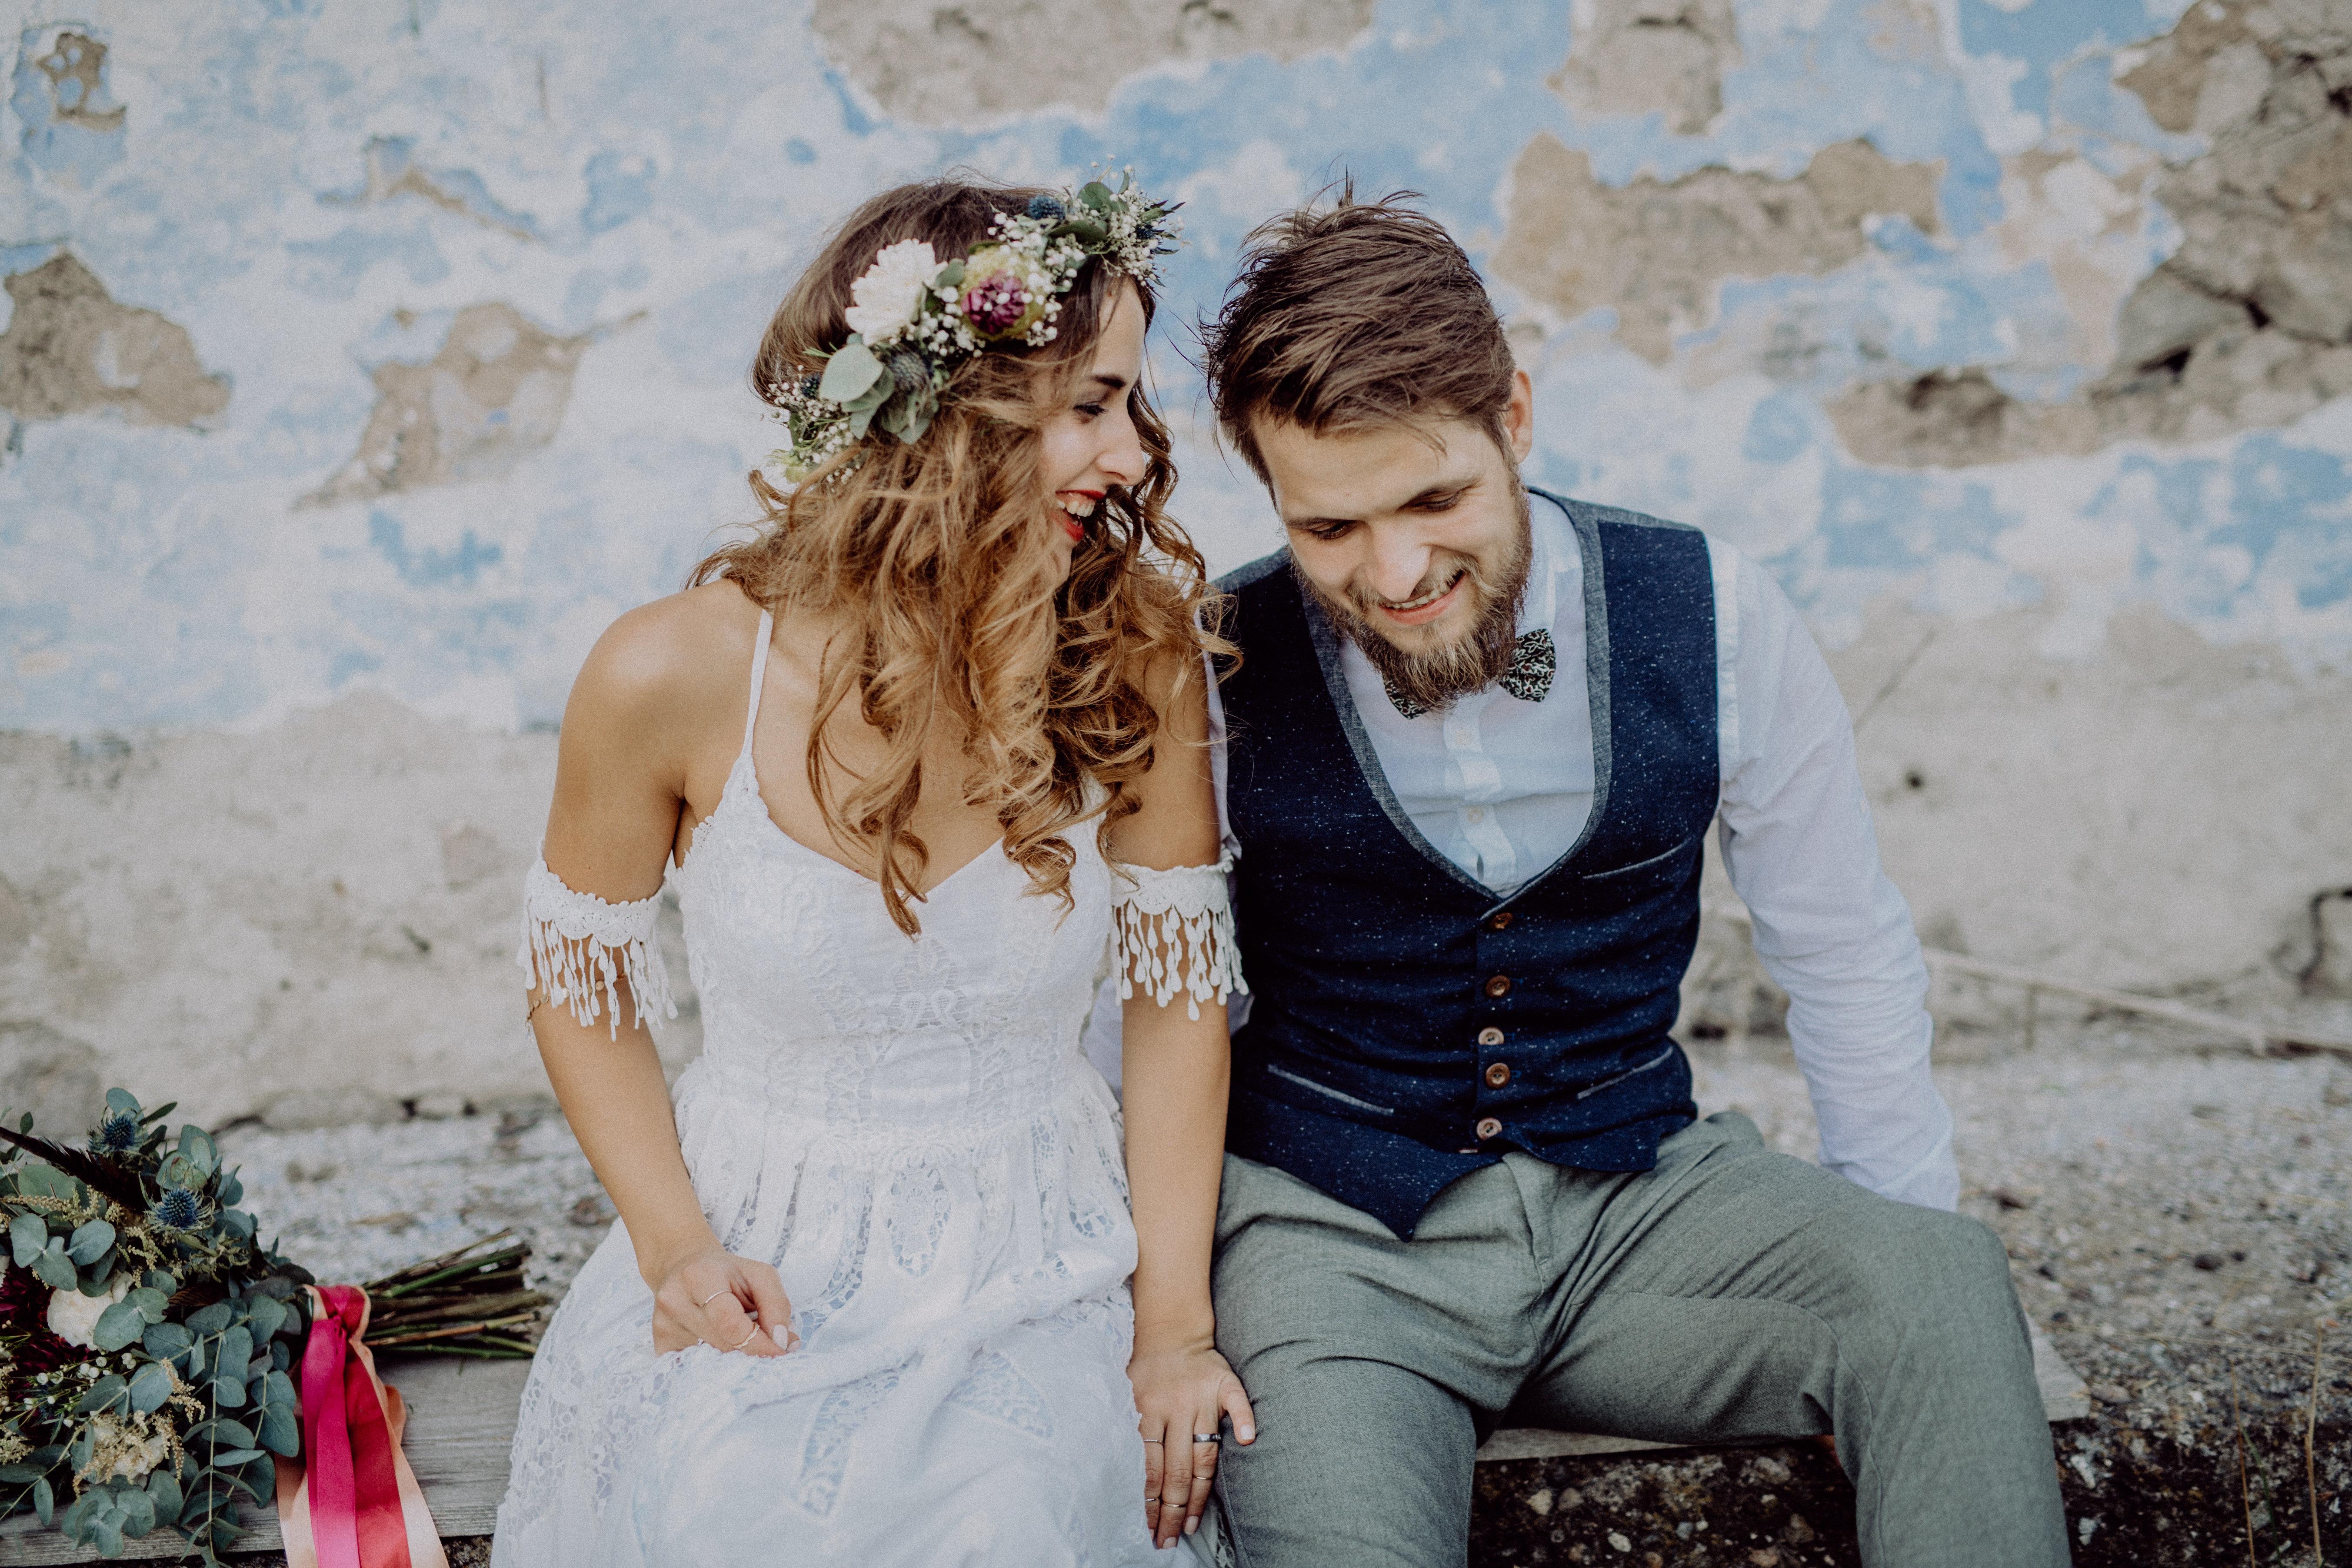 Hochzeit-Geschenk: Wie viel Geld Gäste dem Brautpaar schenken sollten